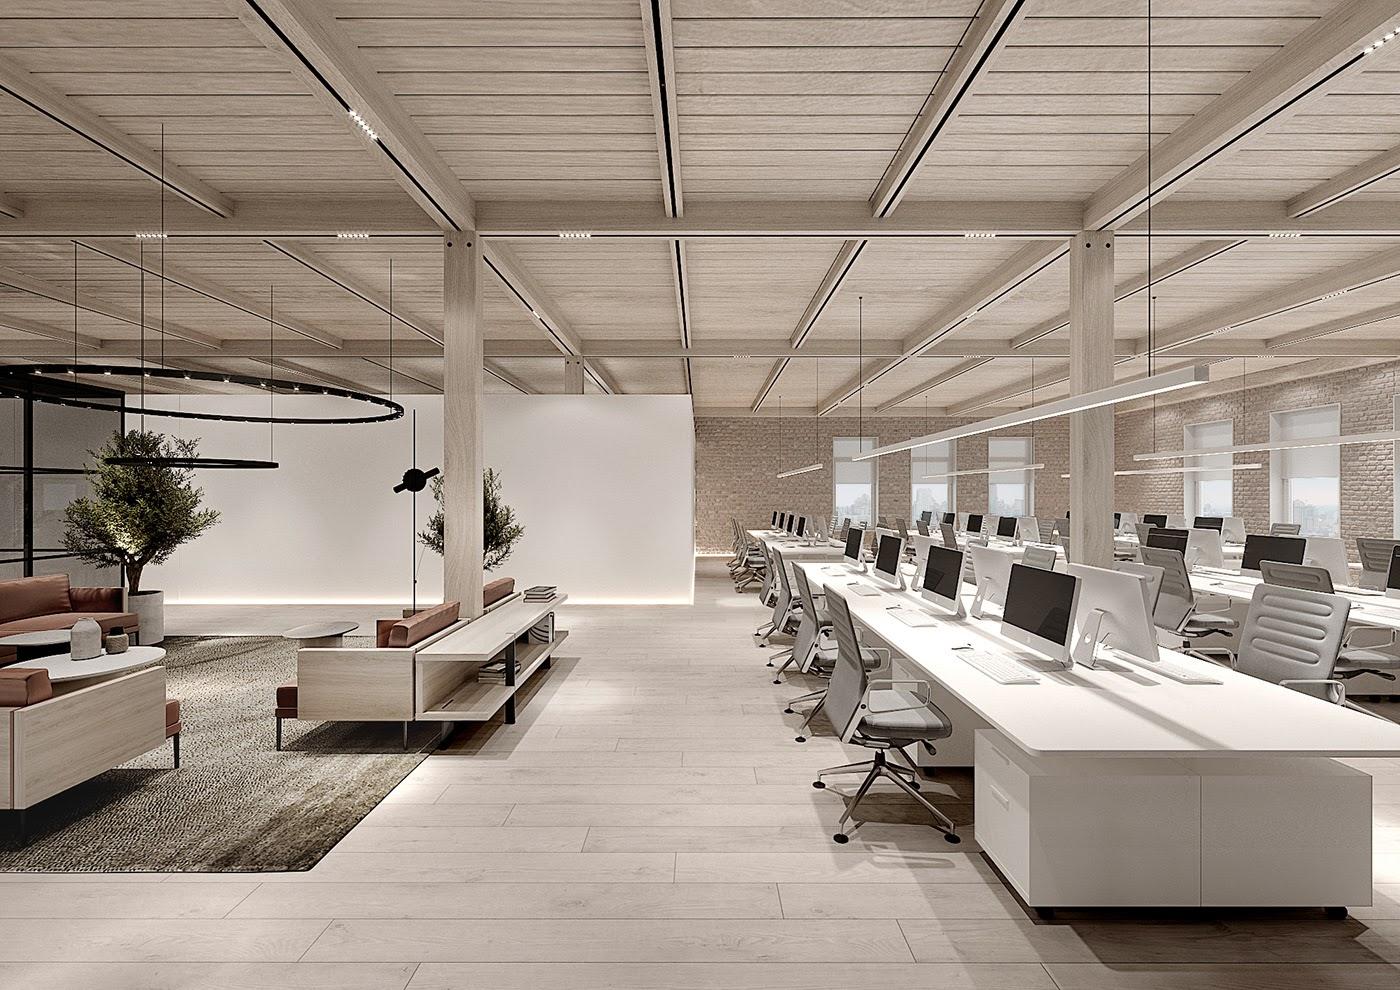 Thiết kế văn phòng kiểu mới cải thiện năng suất làm việc tăng cao | DTC